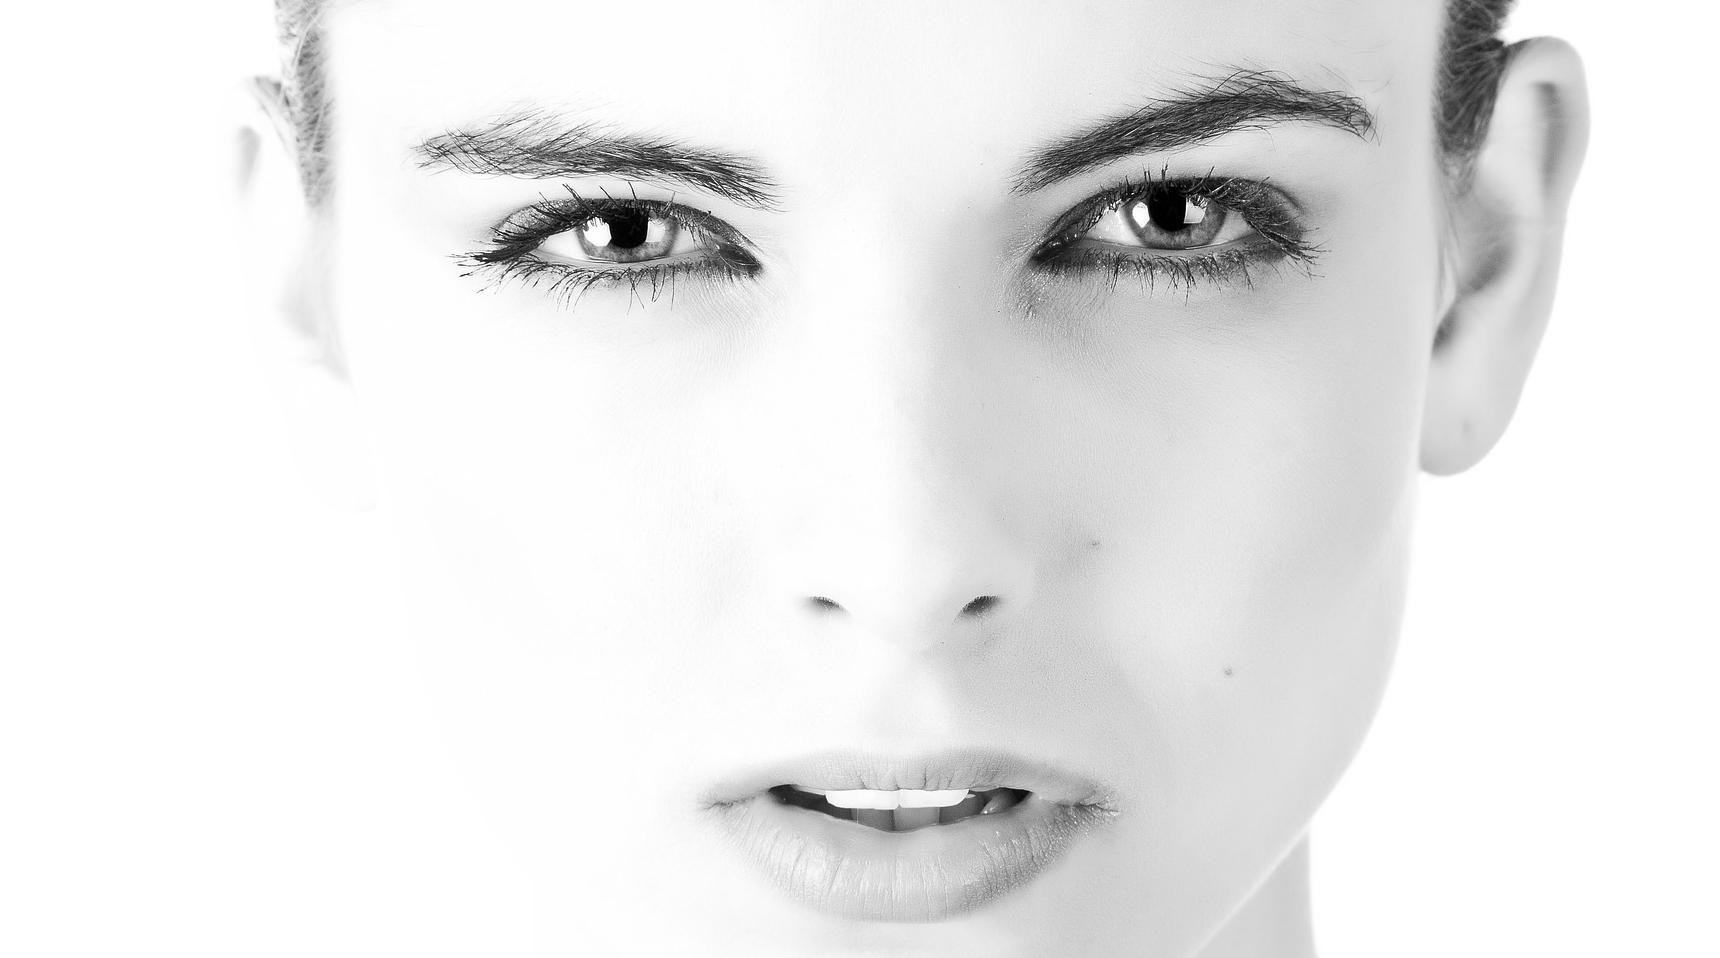 La bichectomia per il rimodellamento del viso